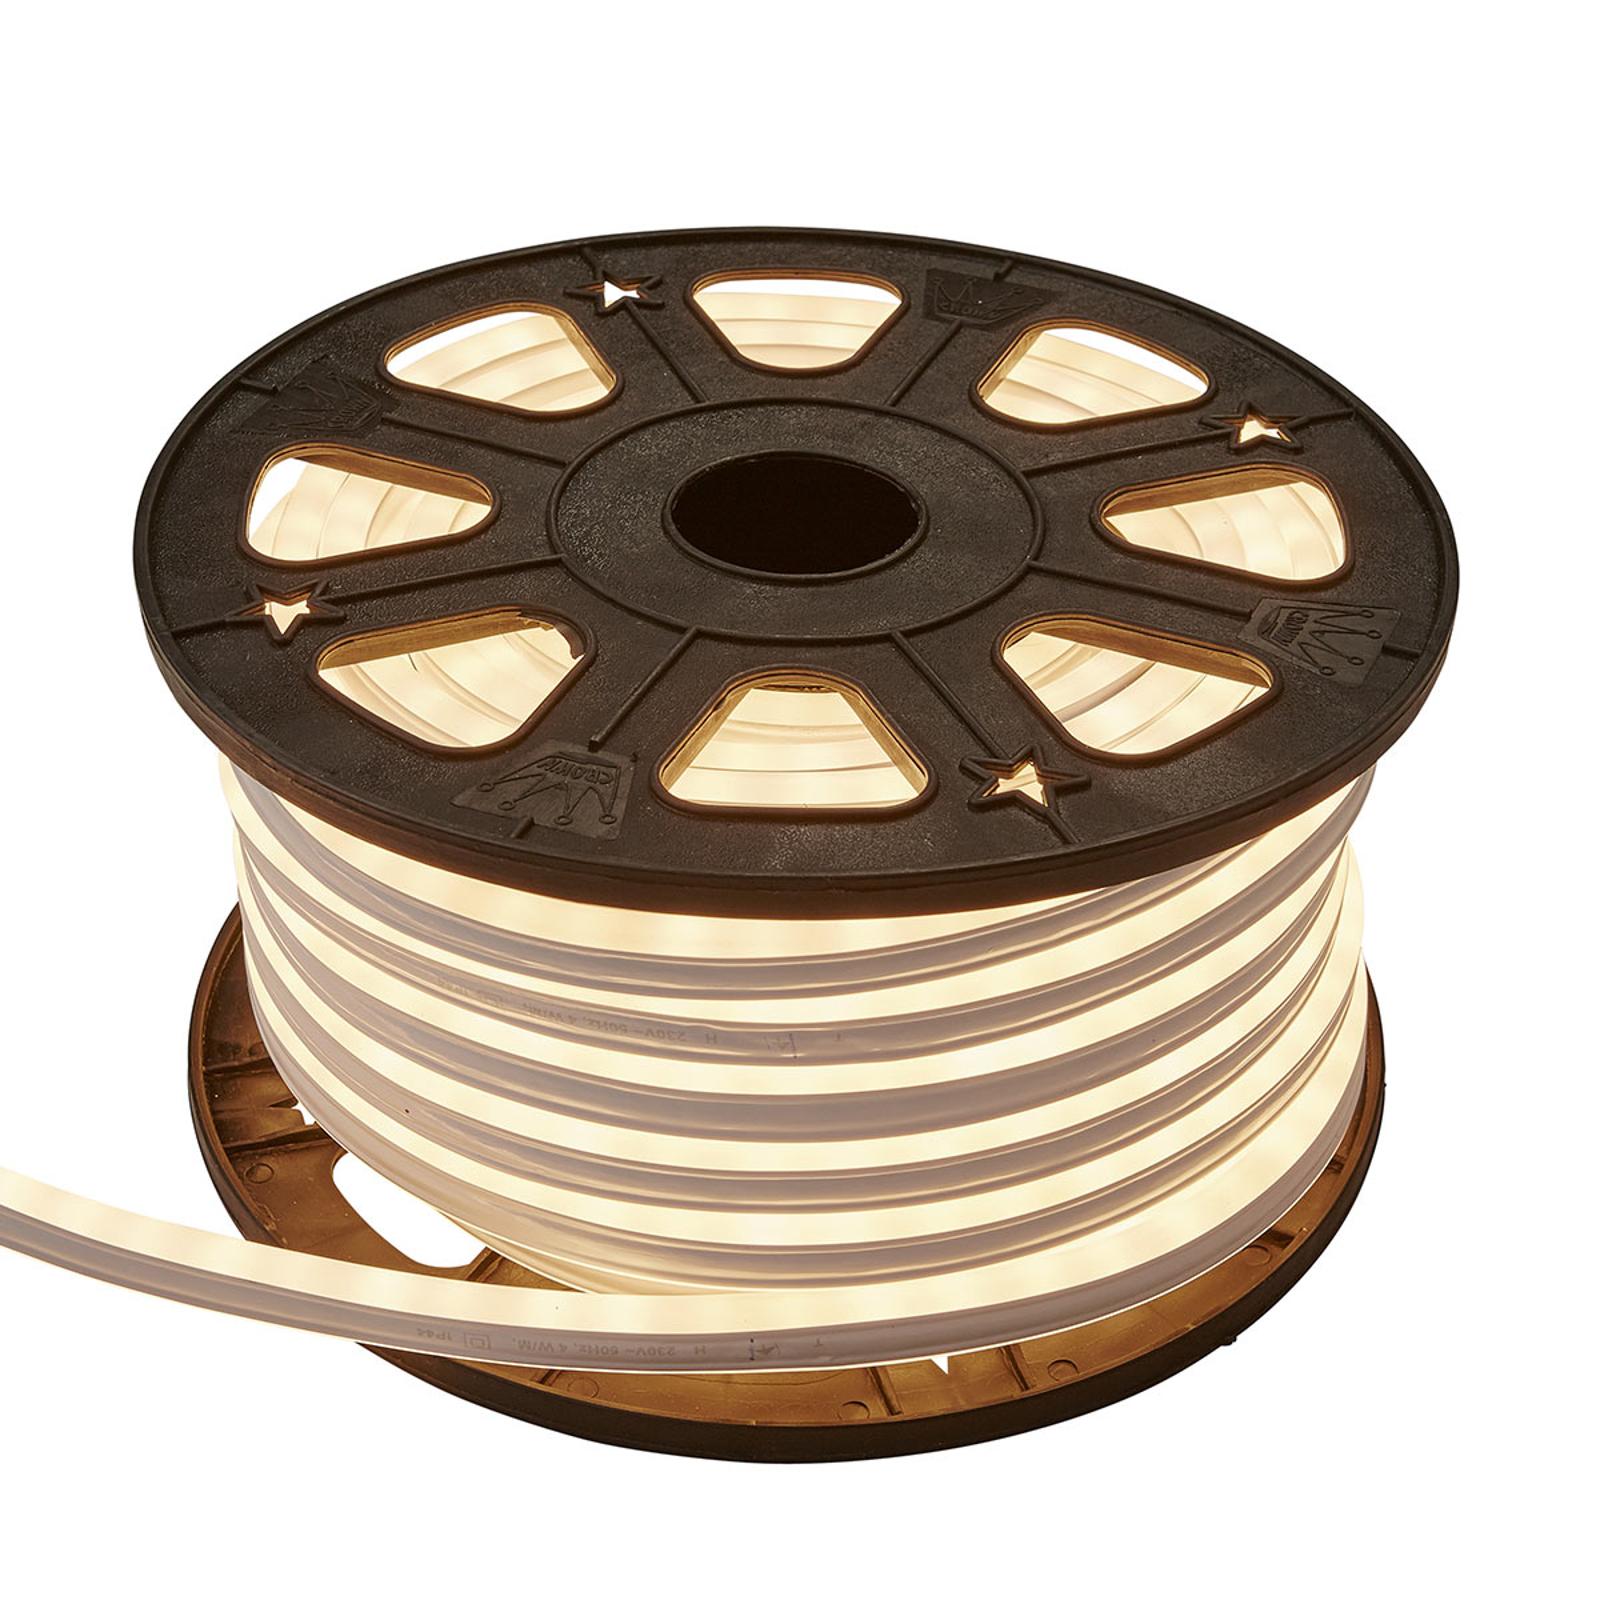 LED-lysslange NeoLED Reel varmhvit